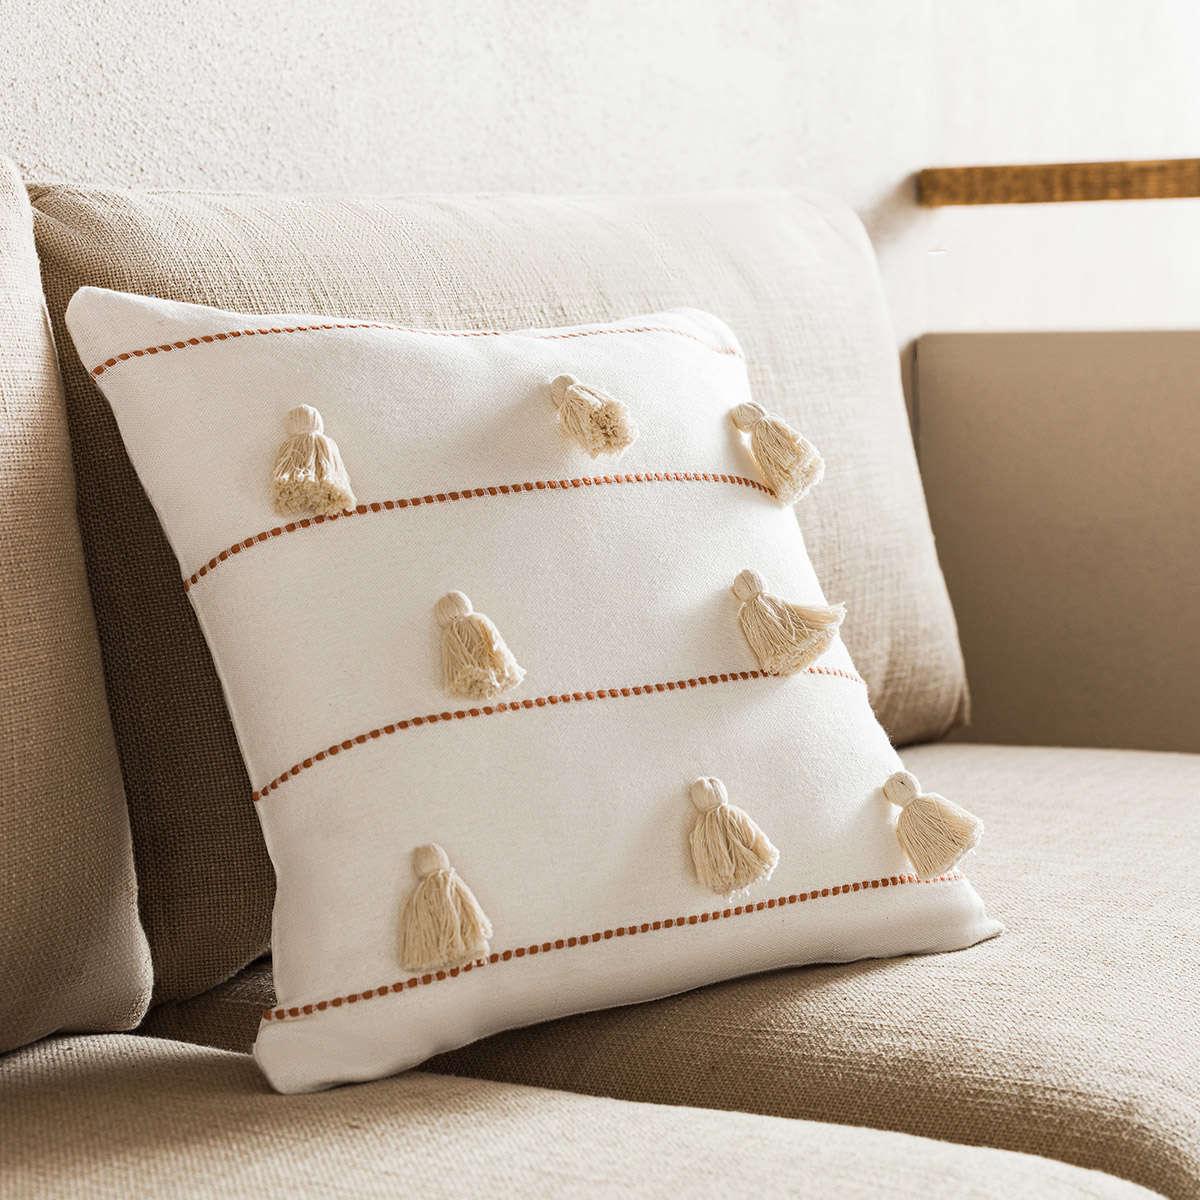 Μαξιλαροθήκη Διακοσμητική Pomy Perfect Tan 188/13 Gofis Home 45X45 100% Βαμβάκι